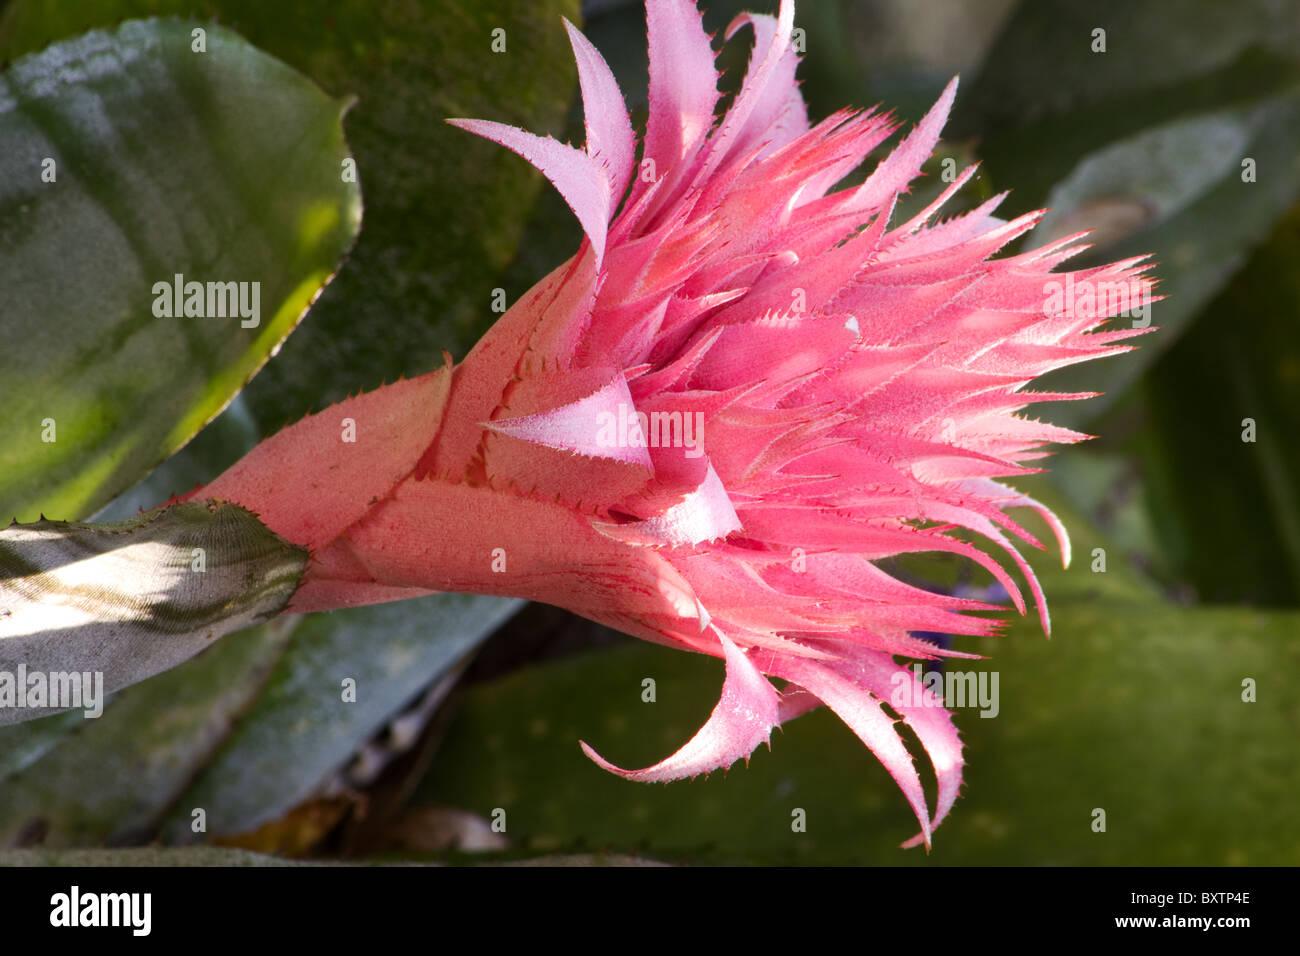 Close up of silver vase plant aechmea fasciata bromeliad flower close up of silver vase plant aechmea fasciata bromeliad flower reviewsmspy